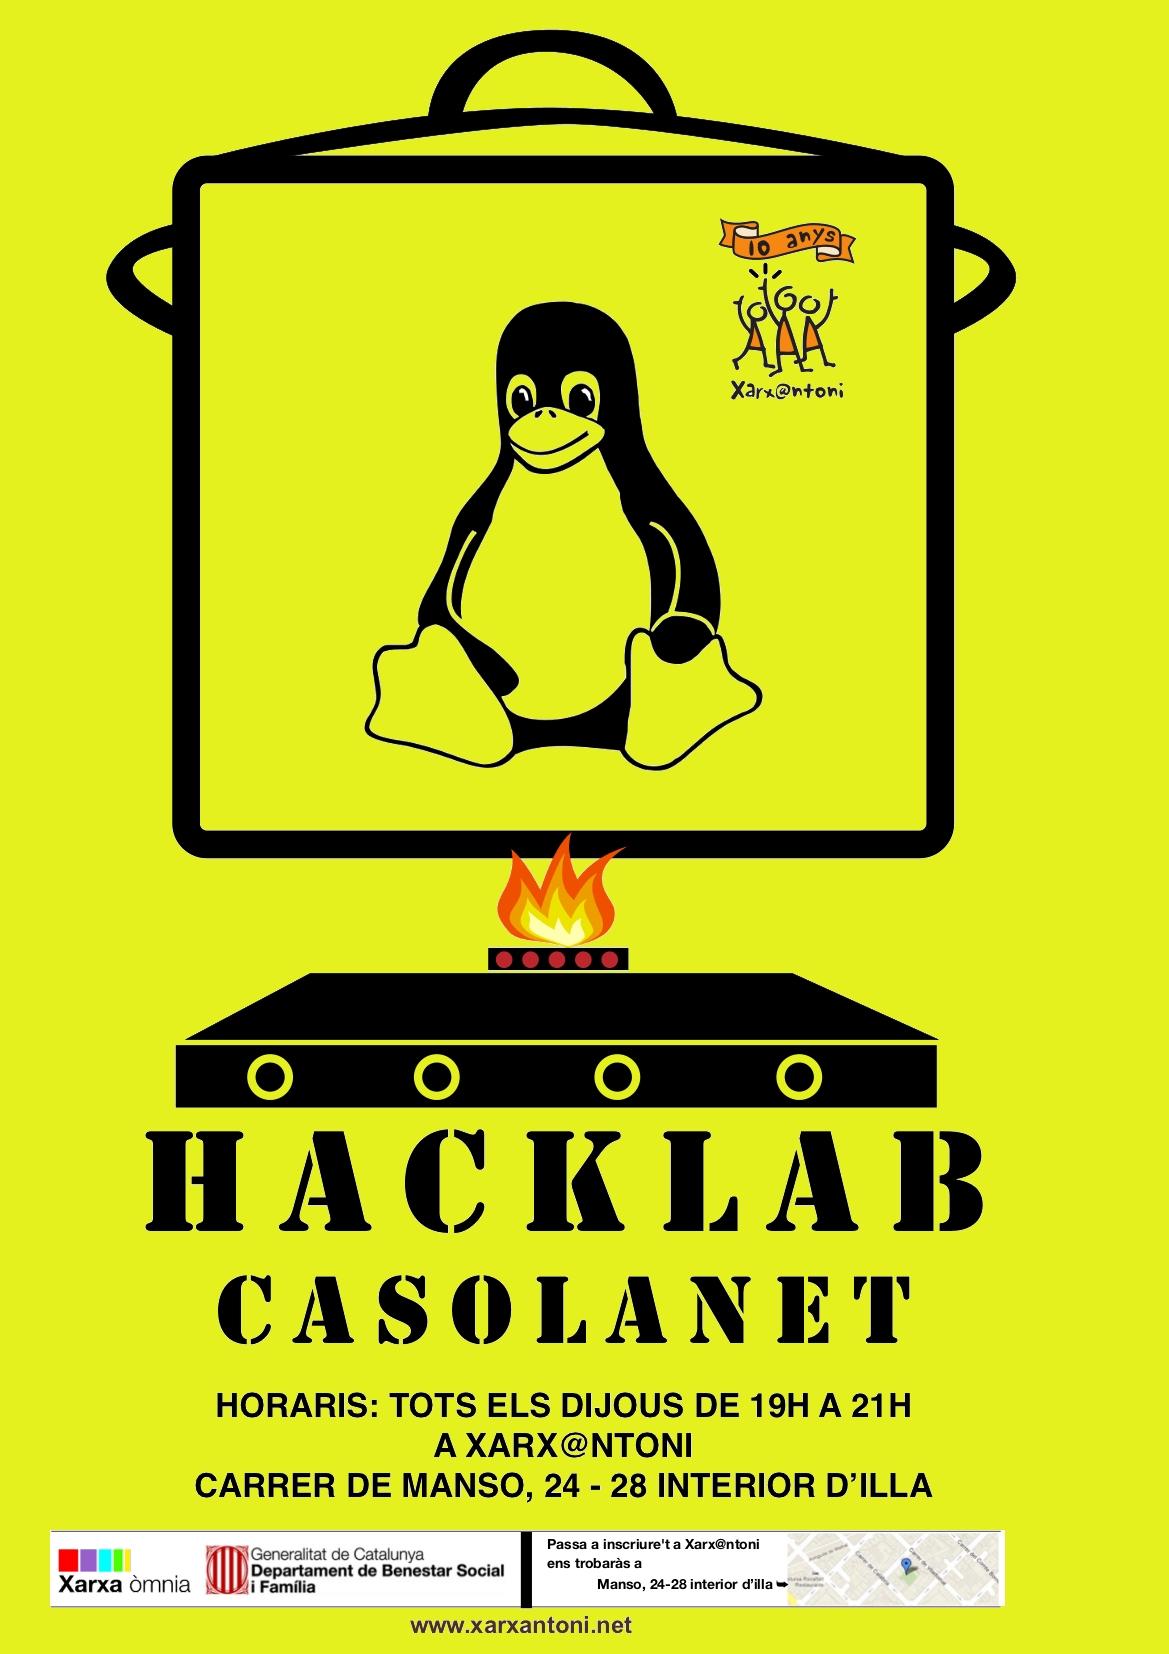 hacklab casolanet